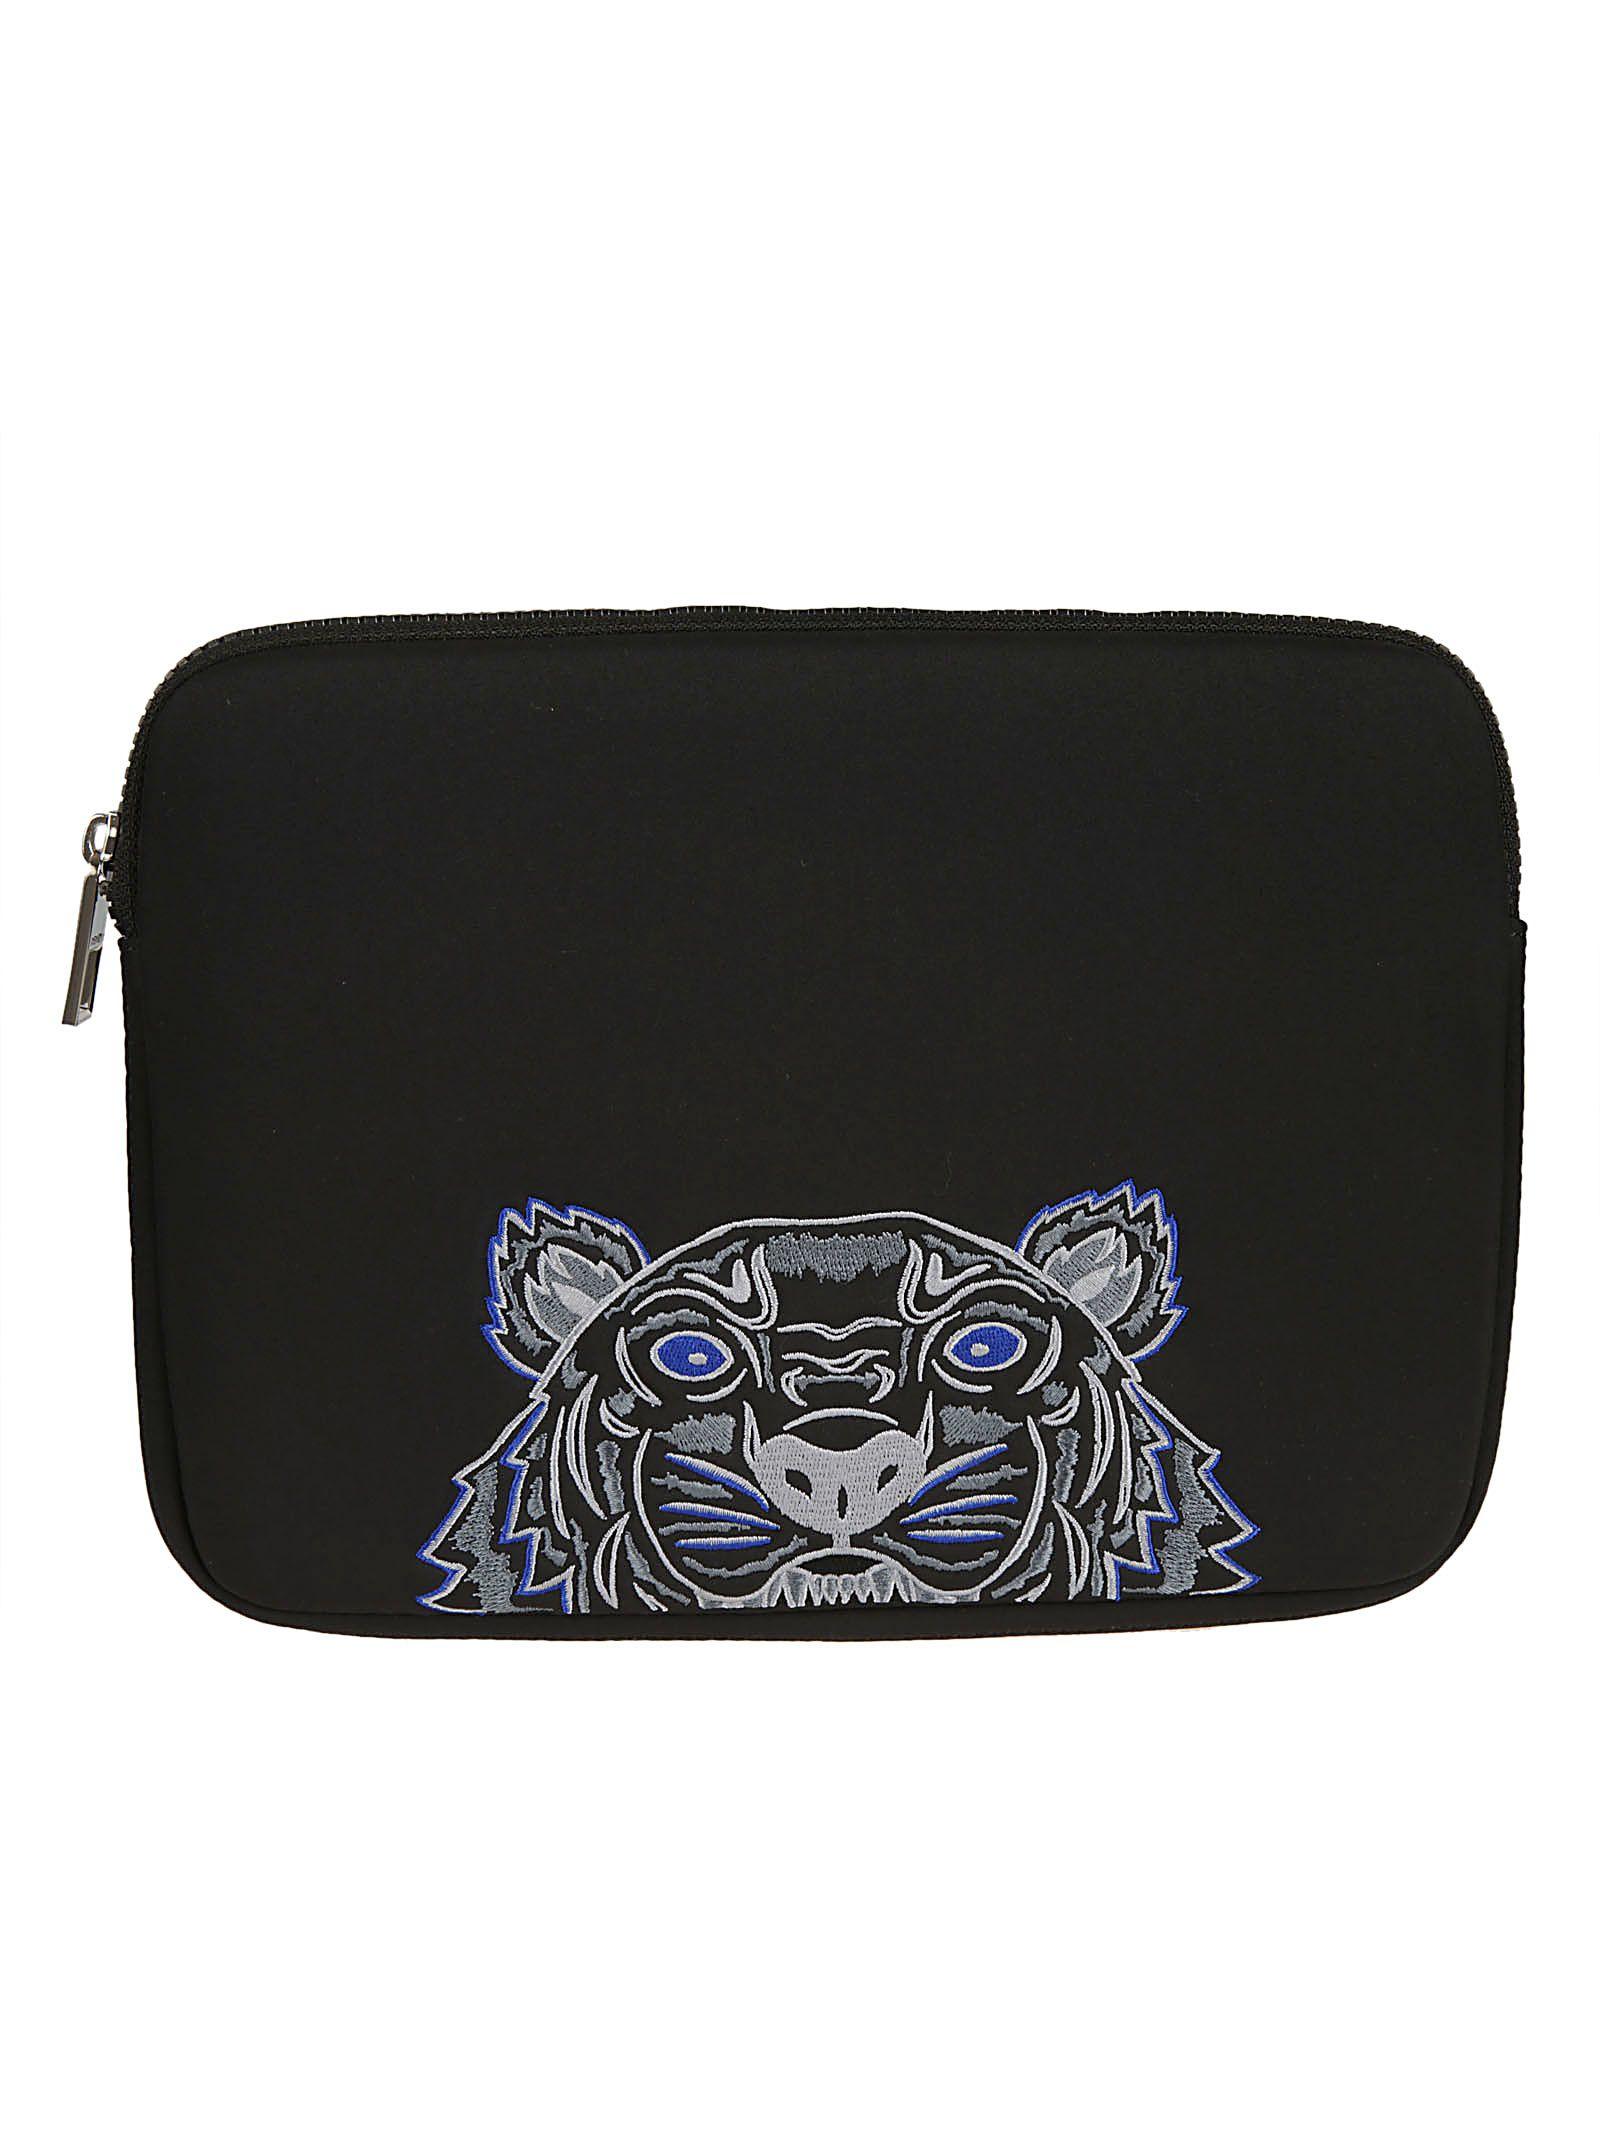 KENZO Tiger Laptop Case in Black